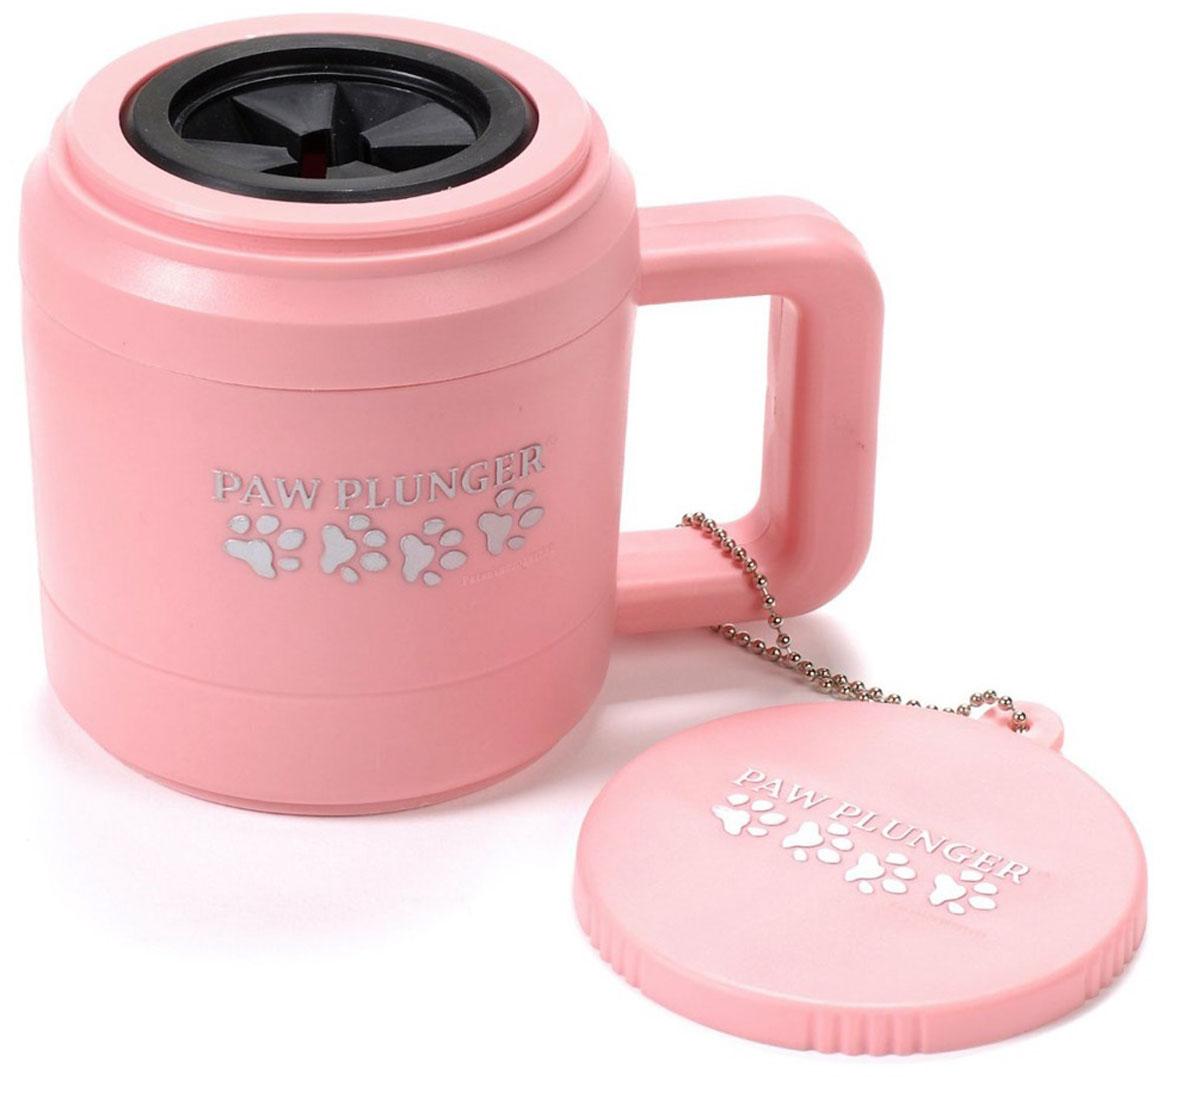 Лапомойка Paw Plunger, малая, цвет: розовый096Z-14-BPЛапомойка Paw Plunger - это уникальное по своей простоте устройство, которое позволит сохранить в чистоте вашу квартиру и собаку даже после самых активных прогулок в грязную погоду. Лапомойка Paw Plunger поможет вам забыть о грязных следах на полу и в ванной комнате. Лапомойка предельно проста в использовании: вам понадобиться только вода и при желании небольшое количество средства для мытья лап.